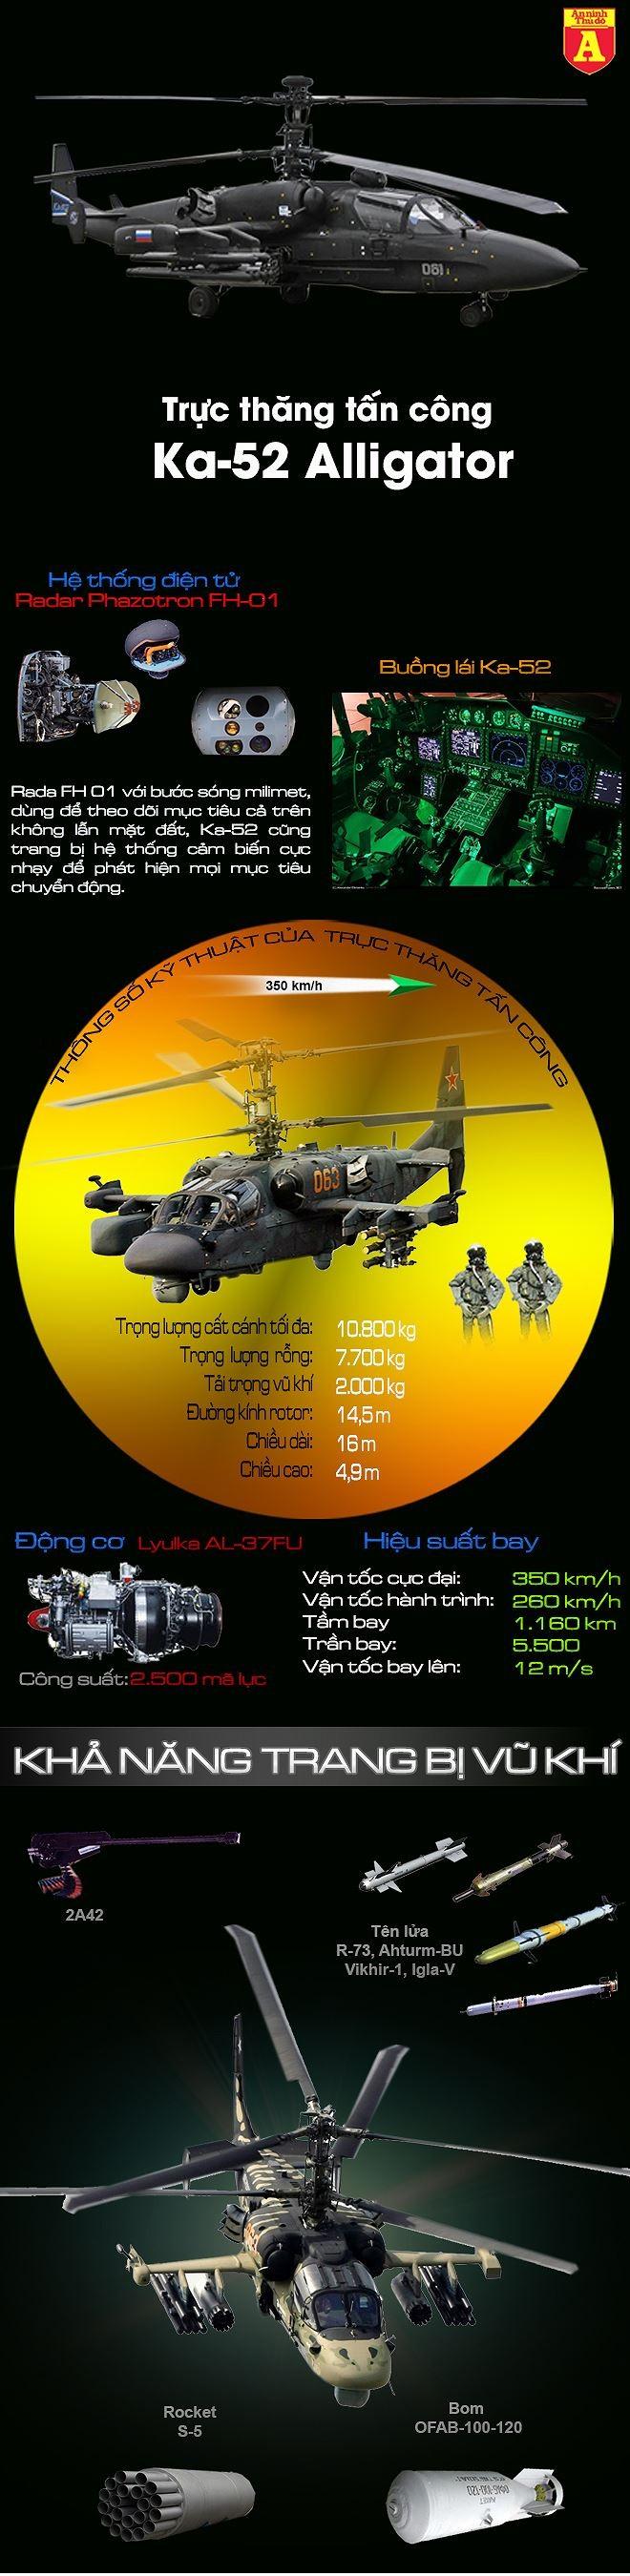 """[ĐỒ HỌA] """"Ác thần trên không"""" Ka-52 Nga rút về nước, Syria sẽ chật vật đối phó với phiến quân ảnh 2"""